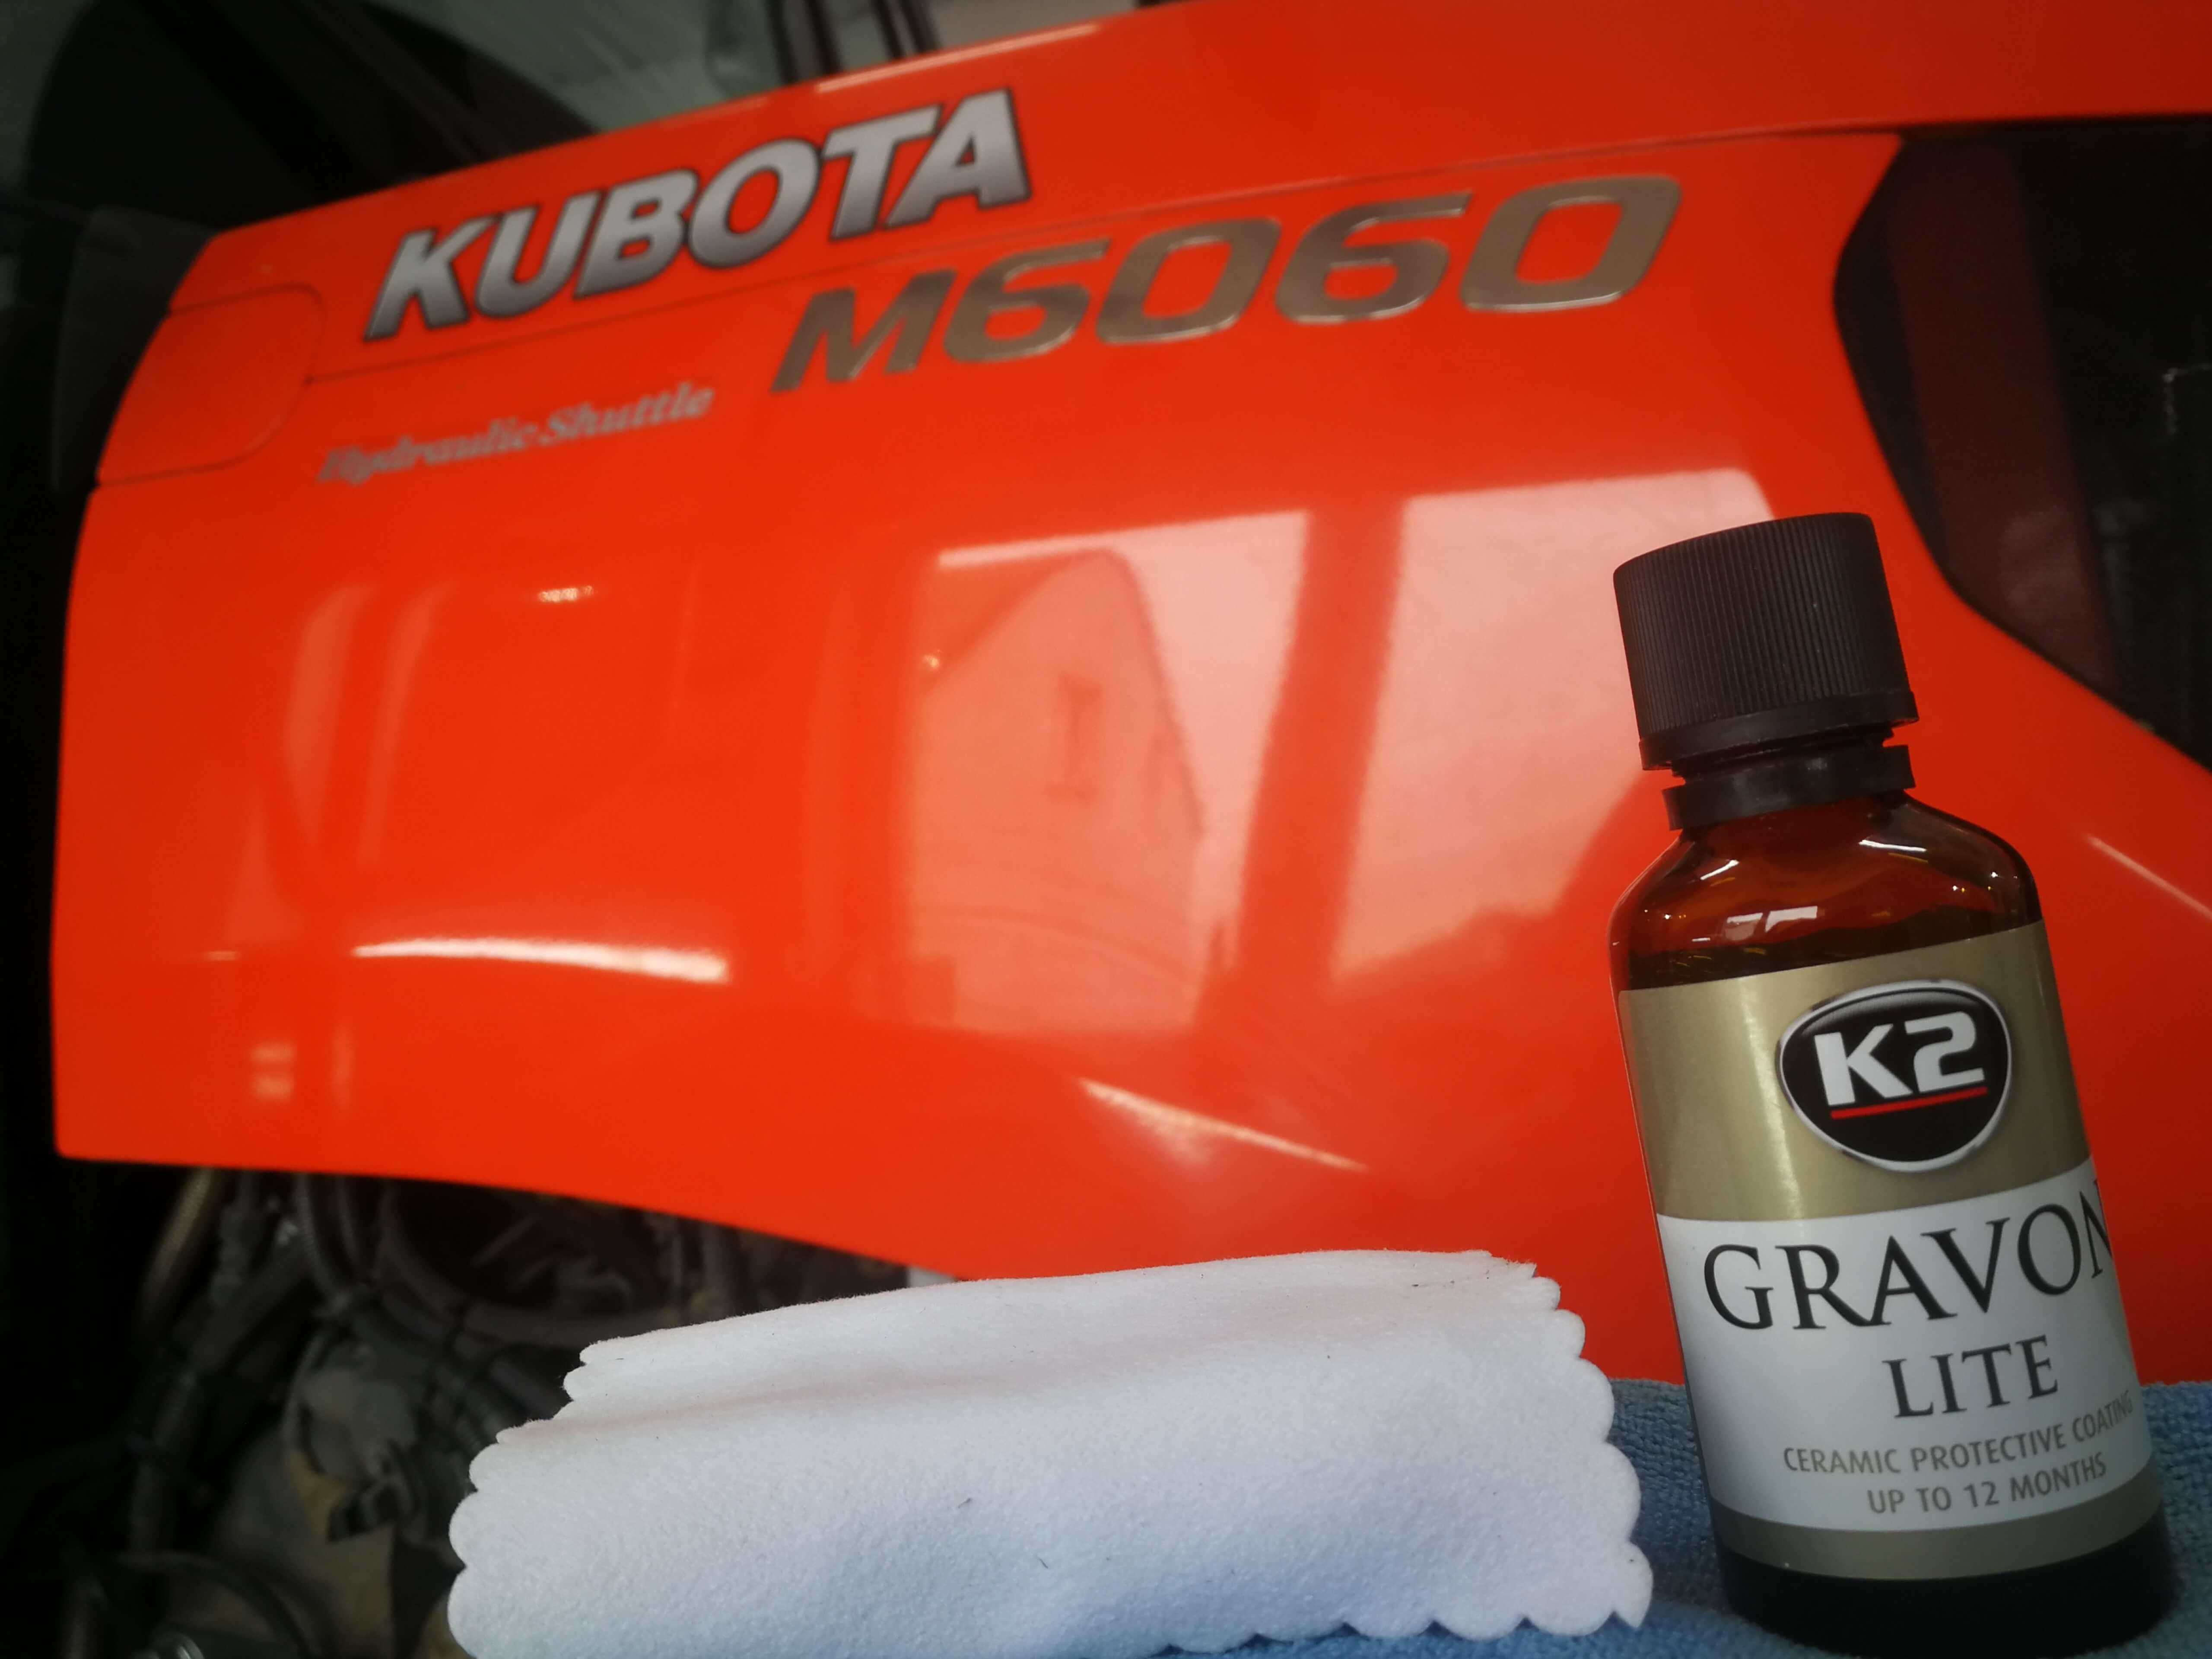 K2 Gravon Lite na ciągniku Kubota